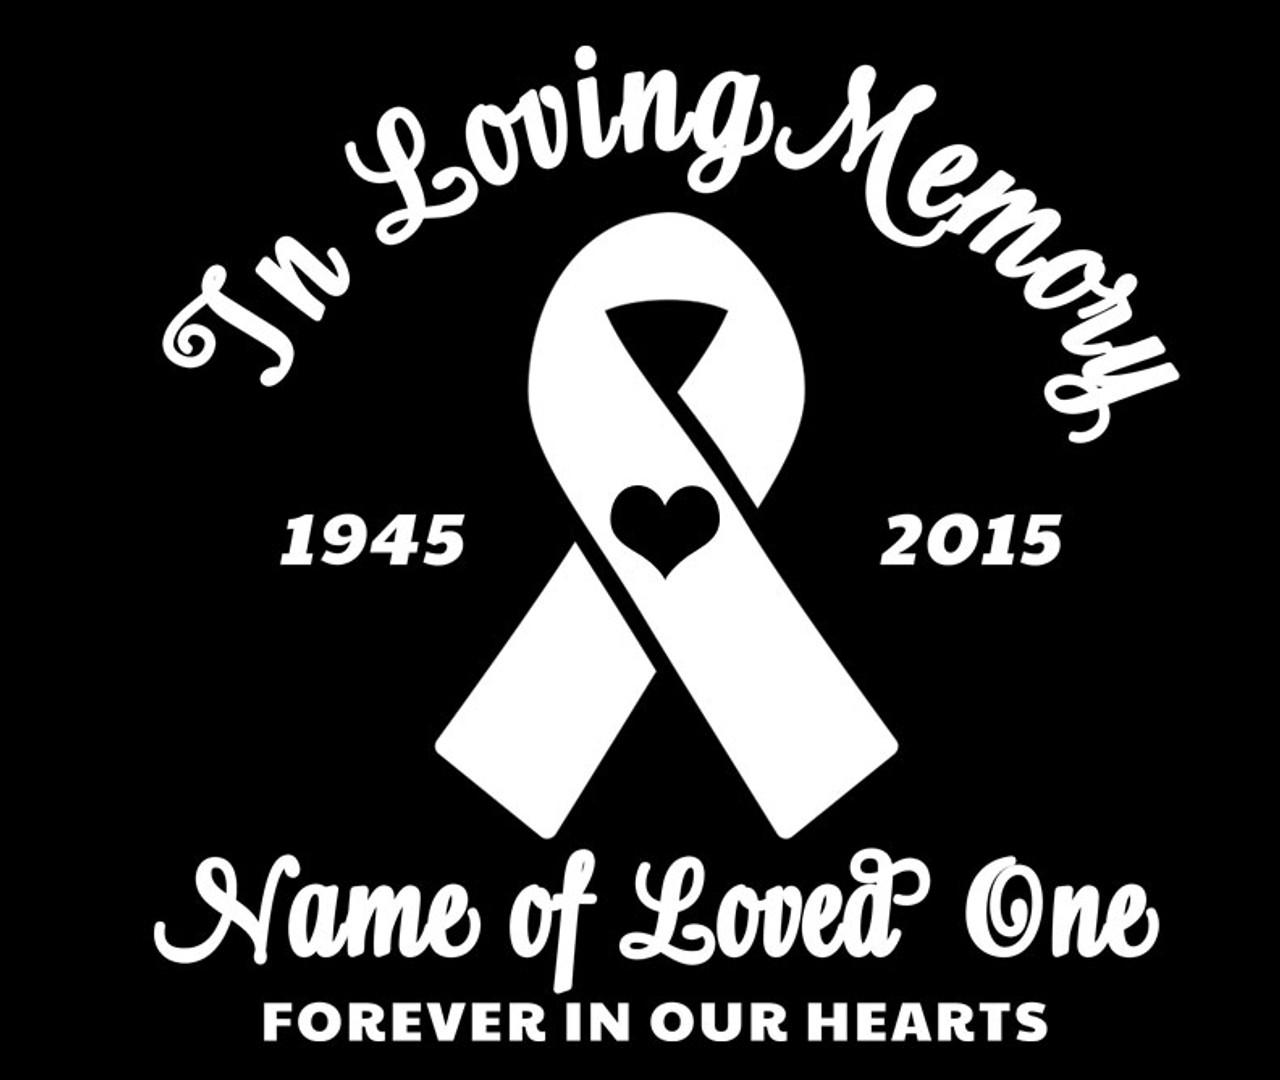 In Loving Memory Car Decals >> Ribbon In Loving Memory Car Decal